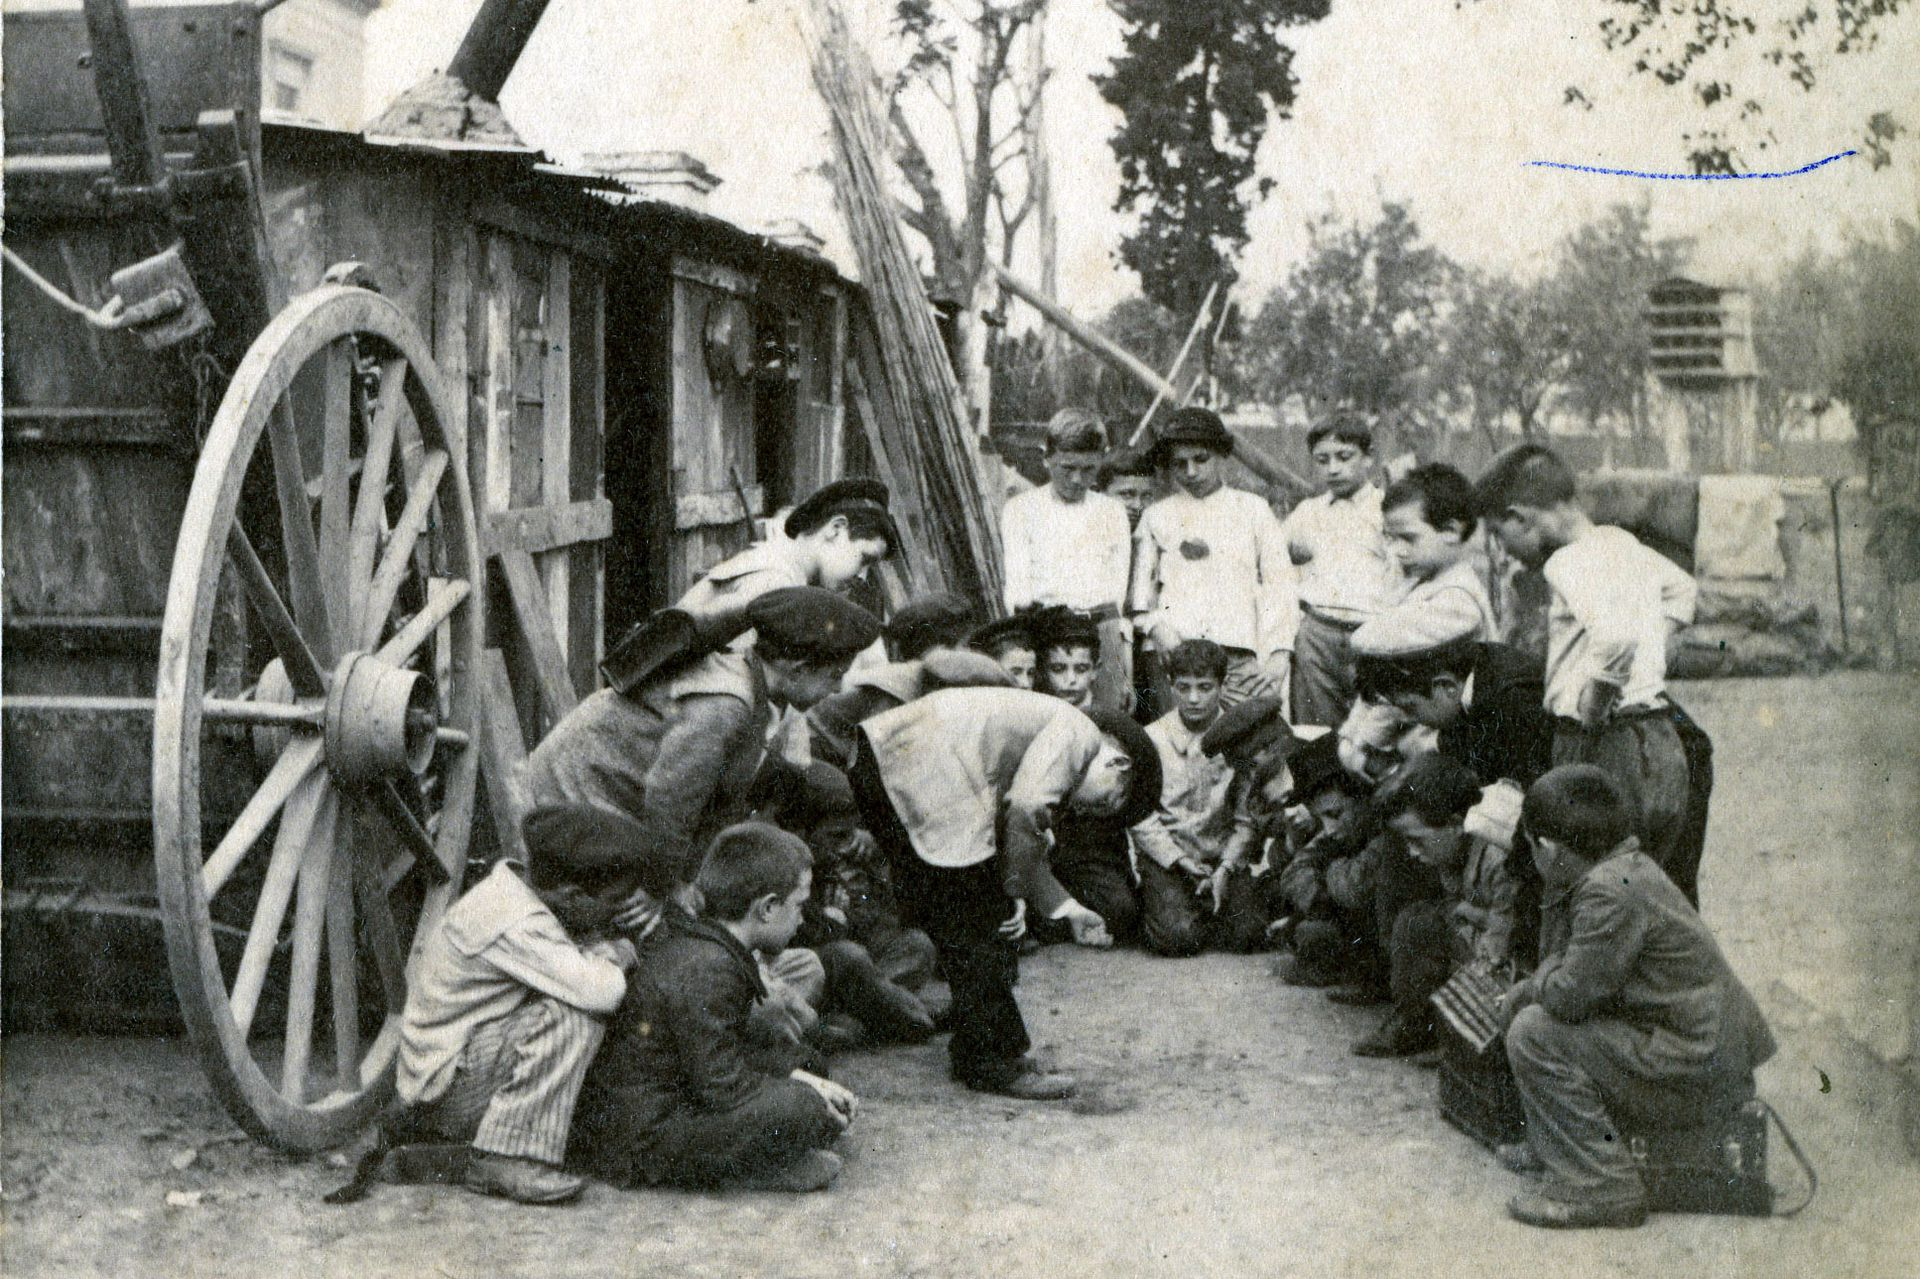 Hoyo y quema, un juego de los tiempos en que las calles de tierra permitían hacerles pequeños pozos, donde hacer que entraran las bolitas.